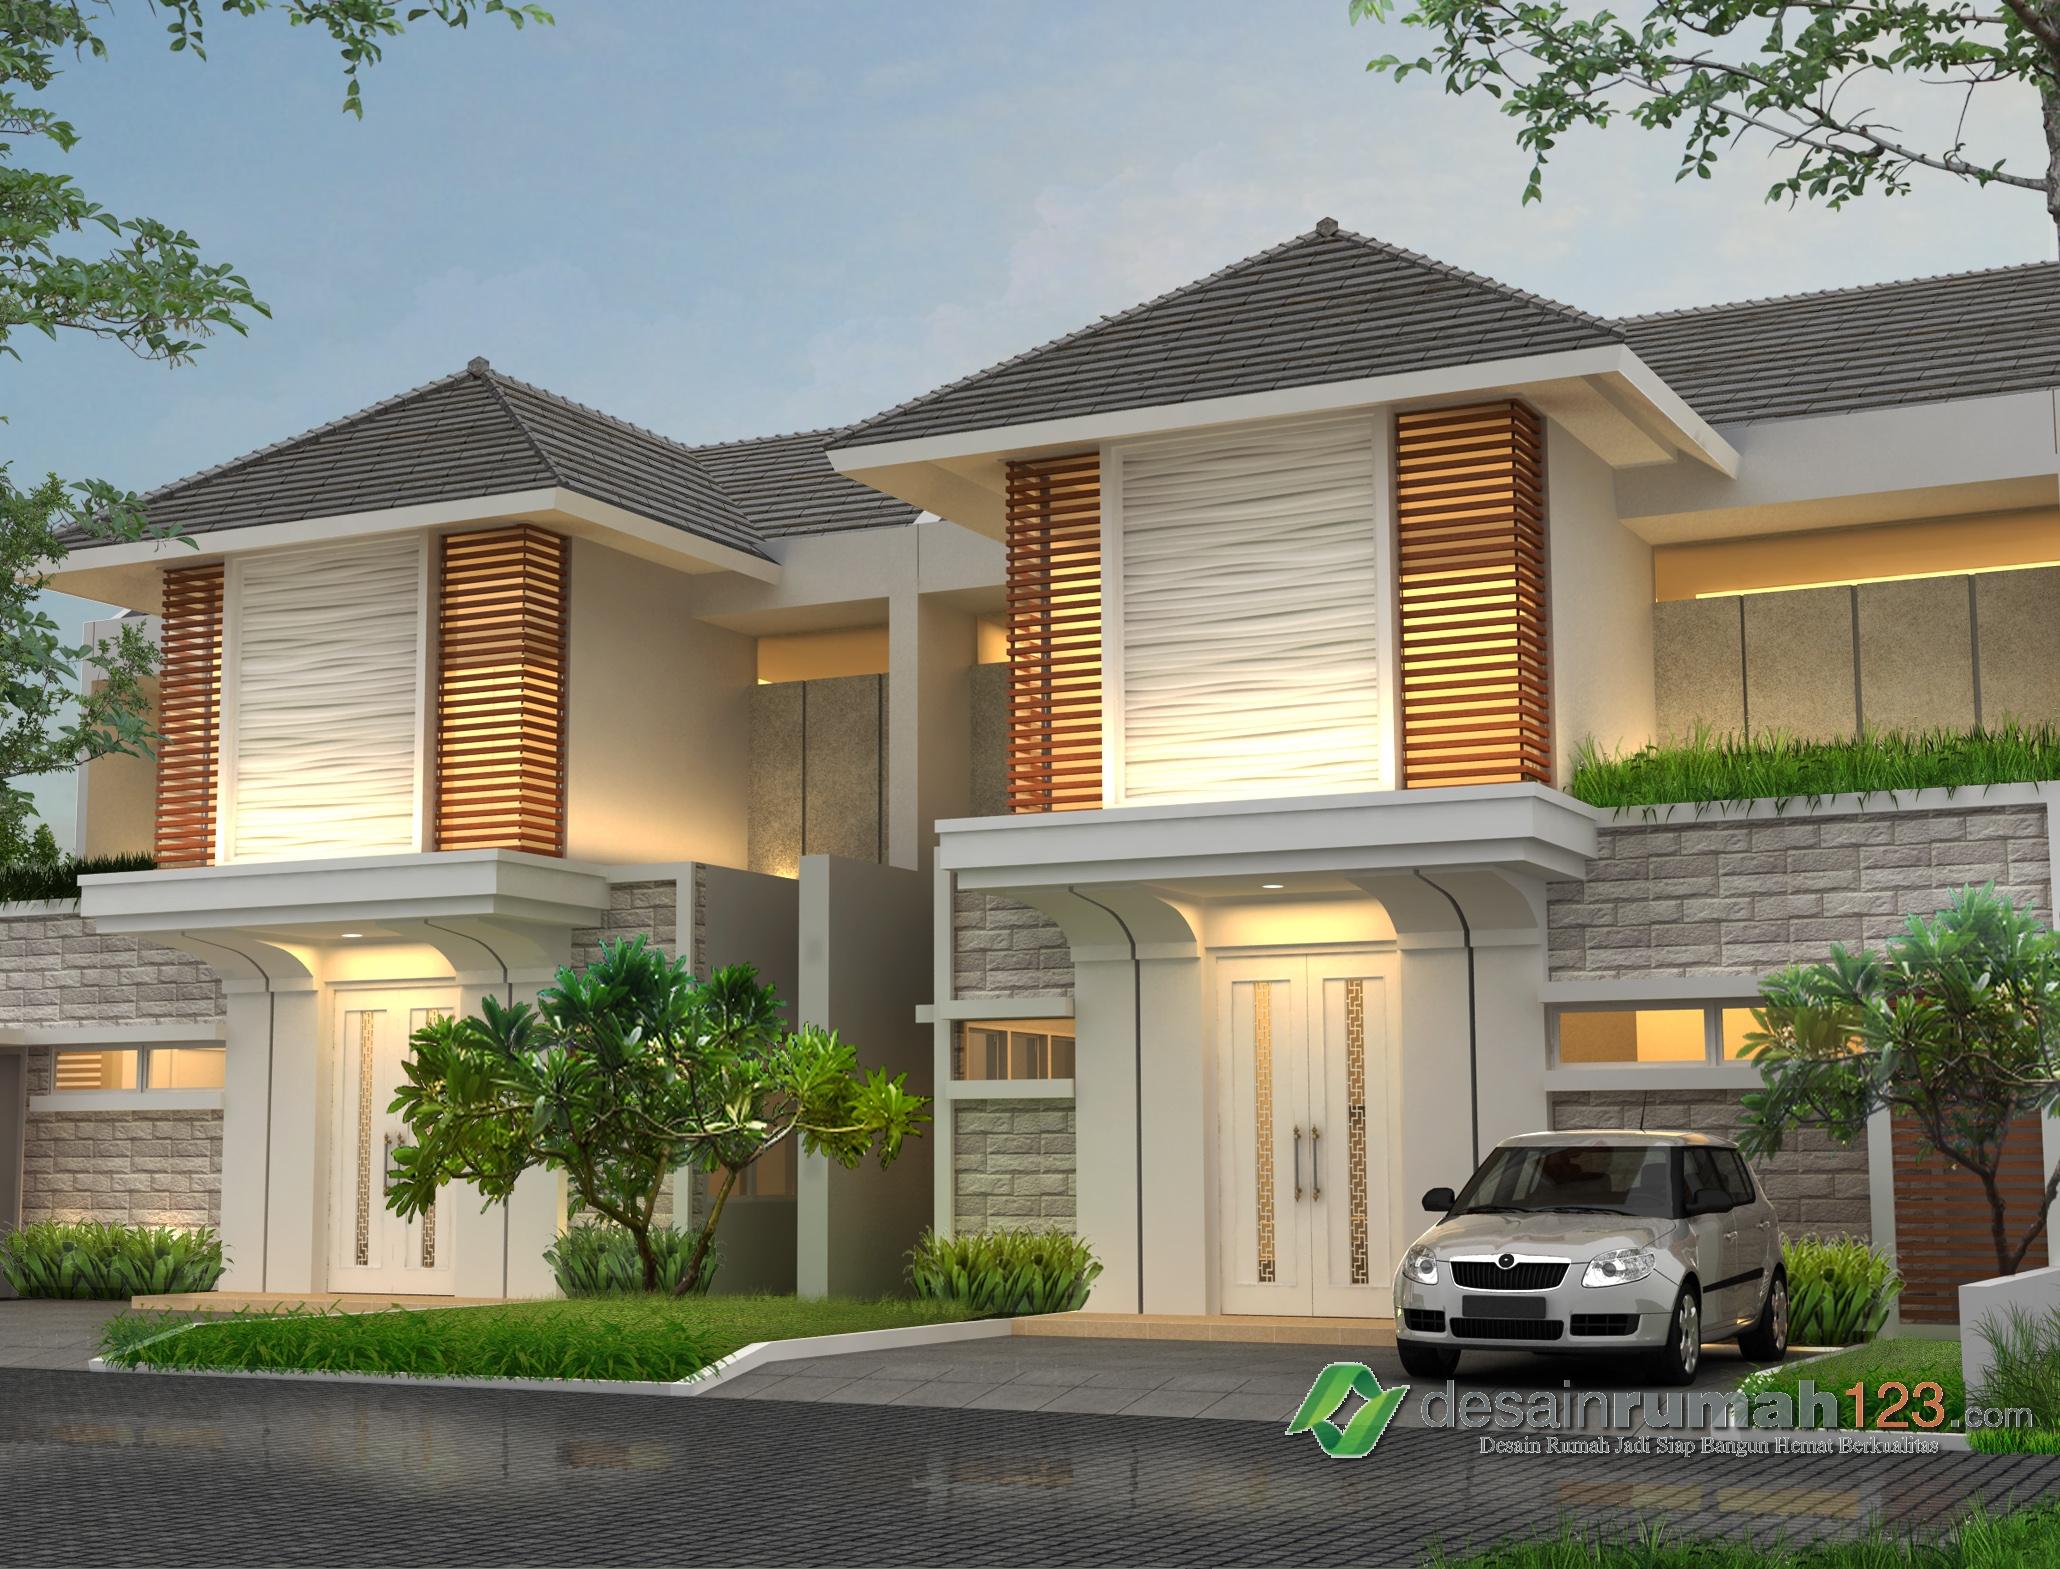 Desain Rumah 2 Lantai 10x17,7 M2 Dengan 5 Ruang Tidur ...